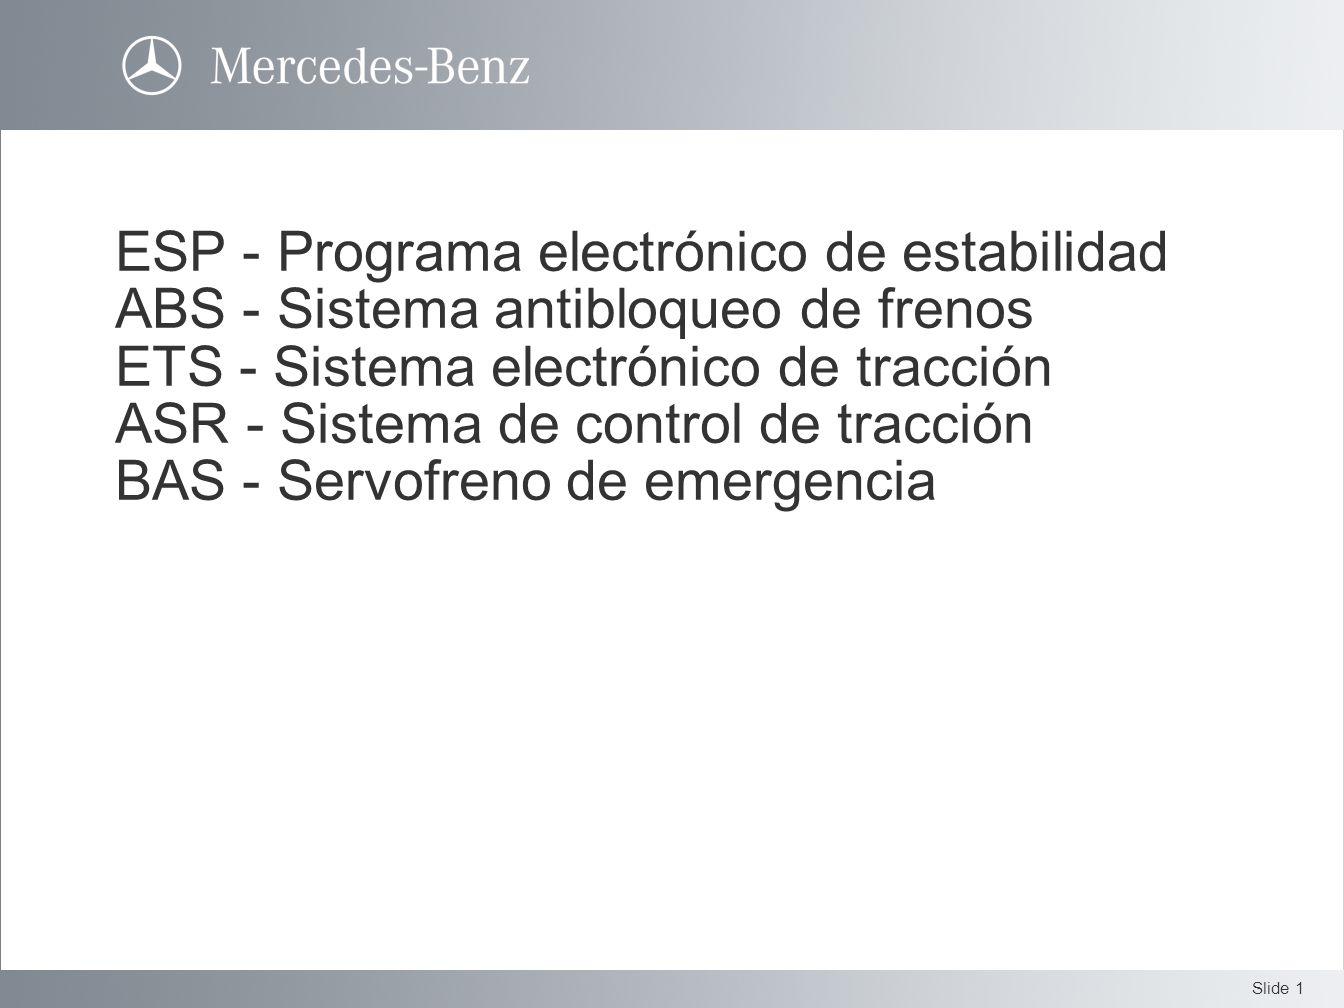 ESP - Programa electrónico de estabilidad ABS - Sistema antibloqueo de frenos ETS - Sistema electrónico de tracción ASR - Sistema de control de tracción BAS - Servofreno de emergencia